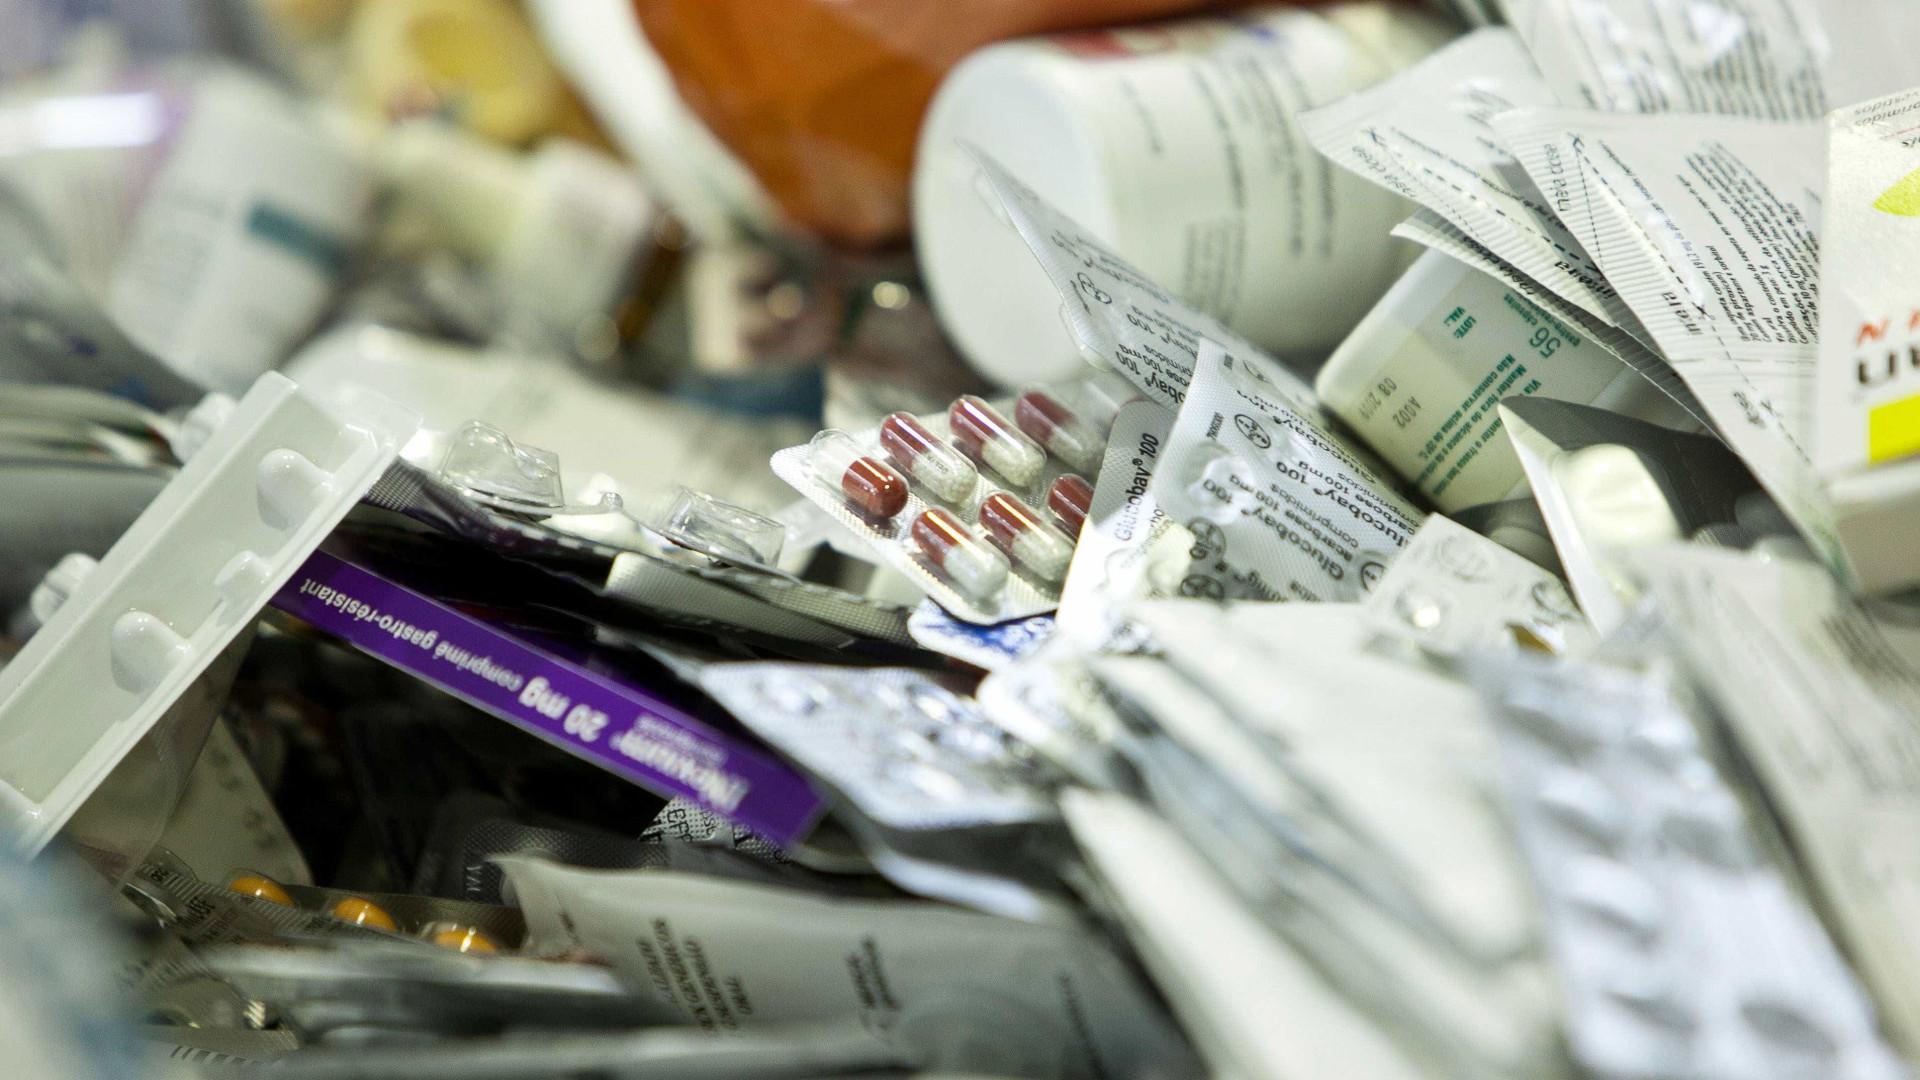 Novos contratos, mais mídia | SUPER NOTICIA